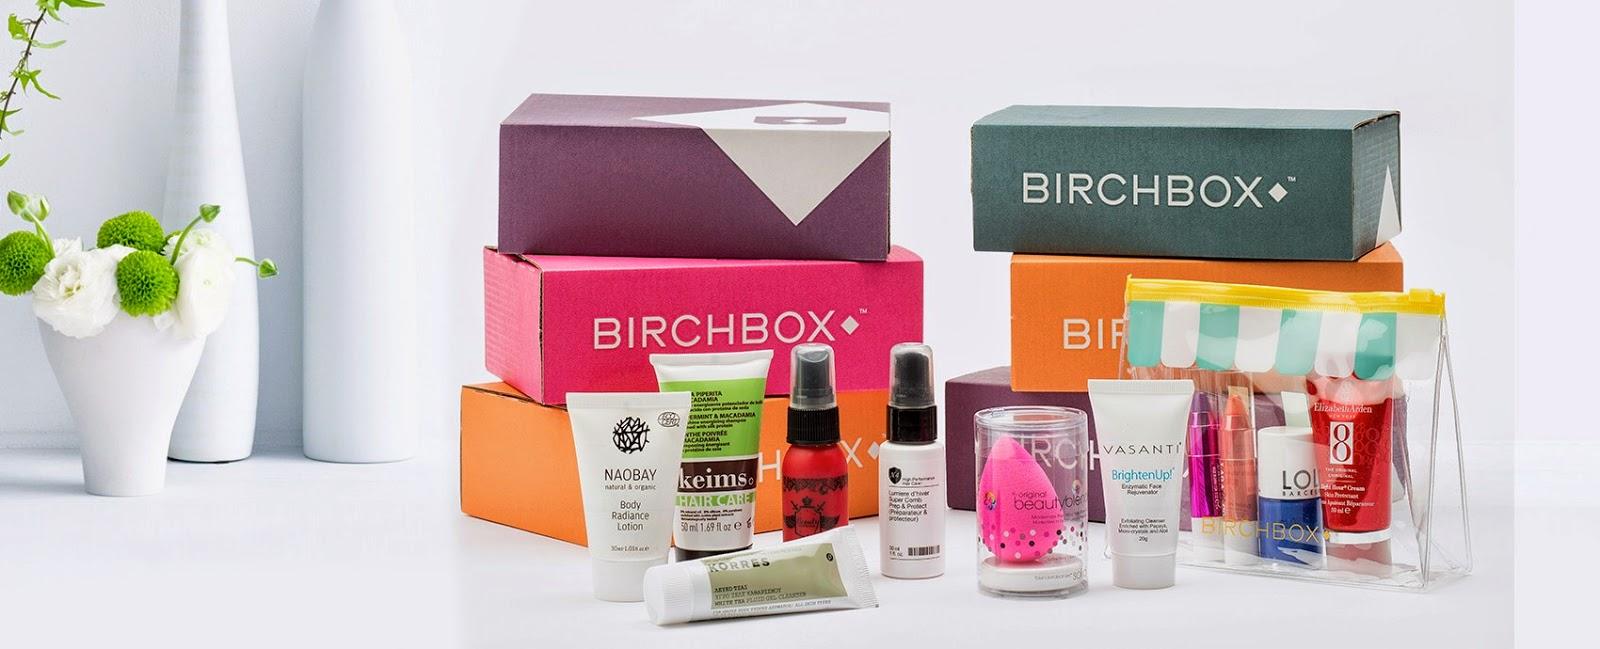 letsbonus birchbox enero 2015 febrero